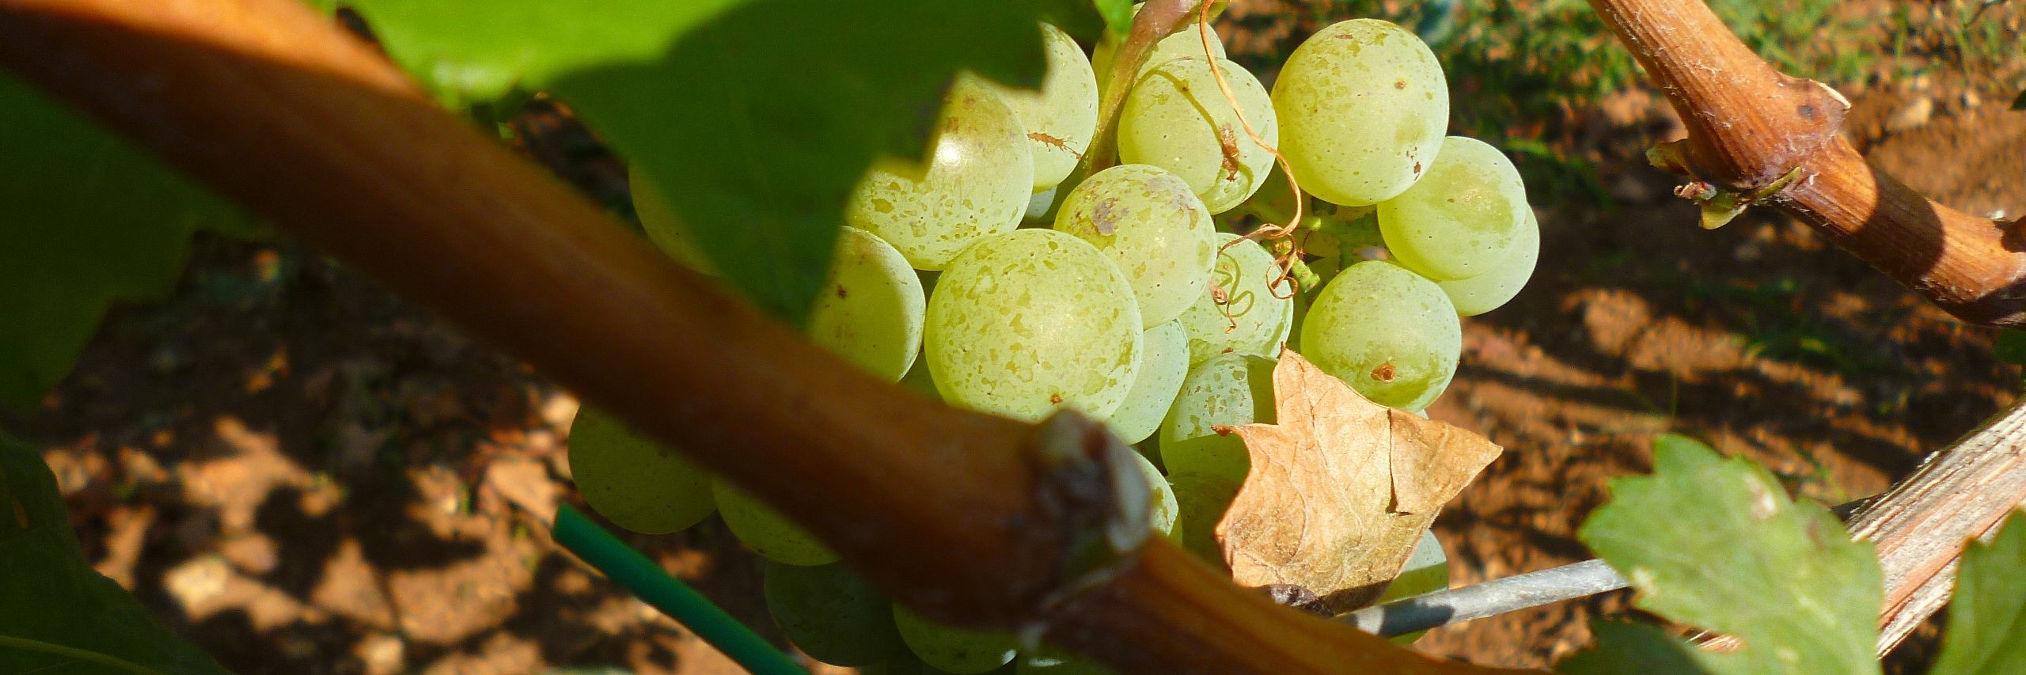 Дегустация вин Герцеговины